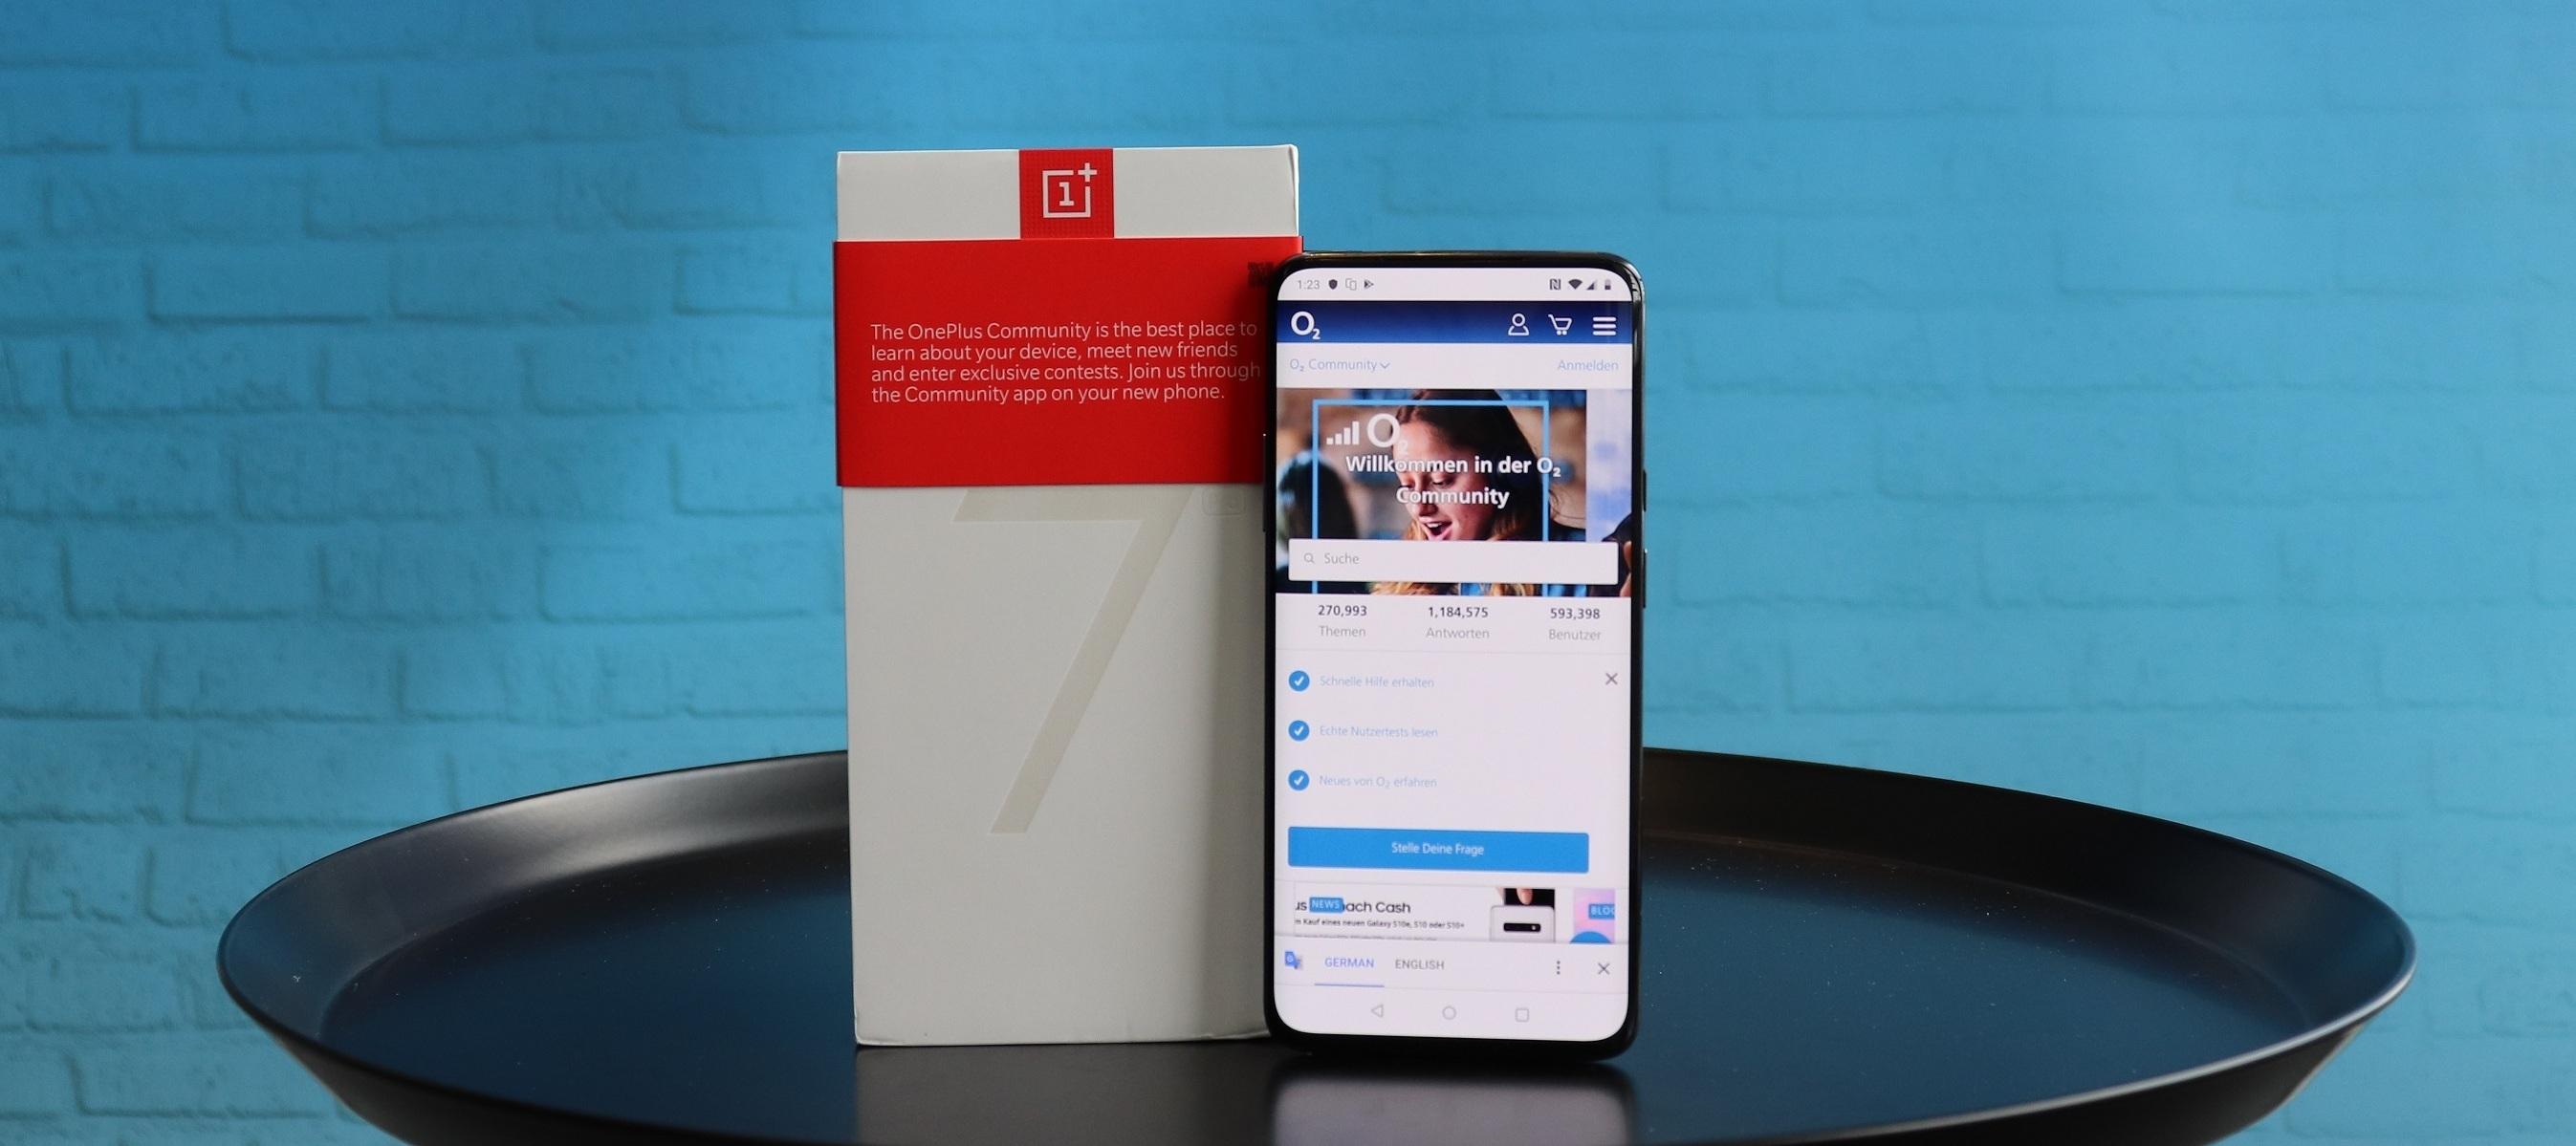 OnePlus 7 Pro Testgerät - Top Technik zum günstigen Preis. Smartphone-Tester/innen aufgepasst!